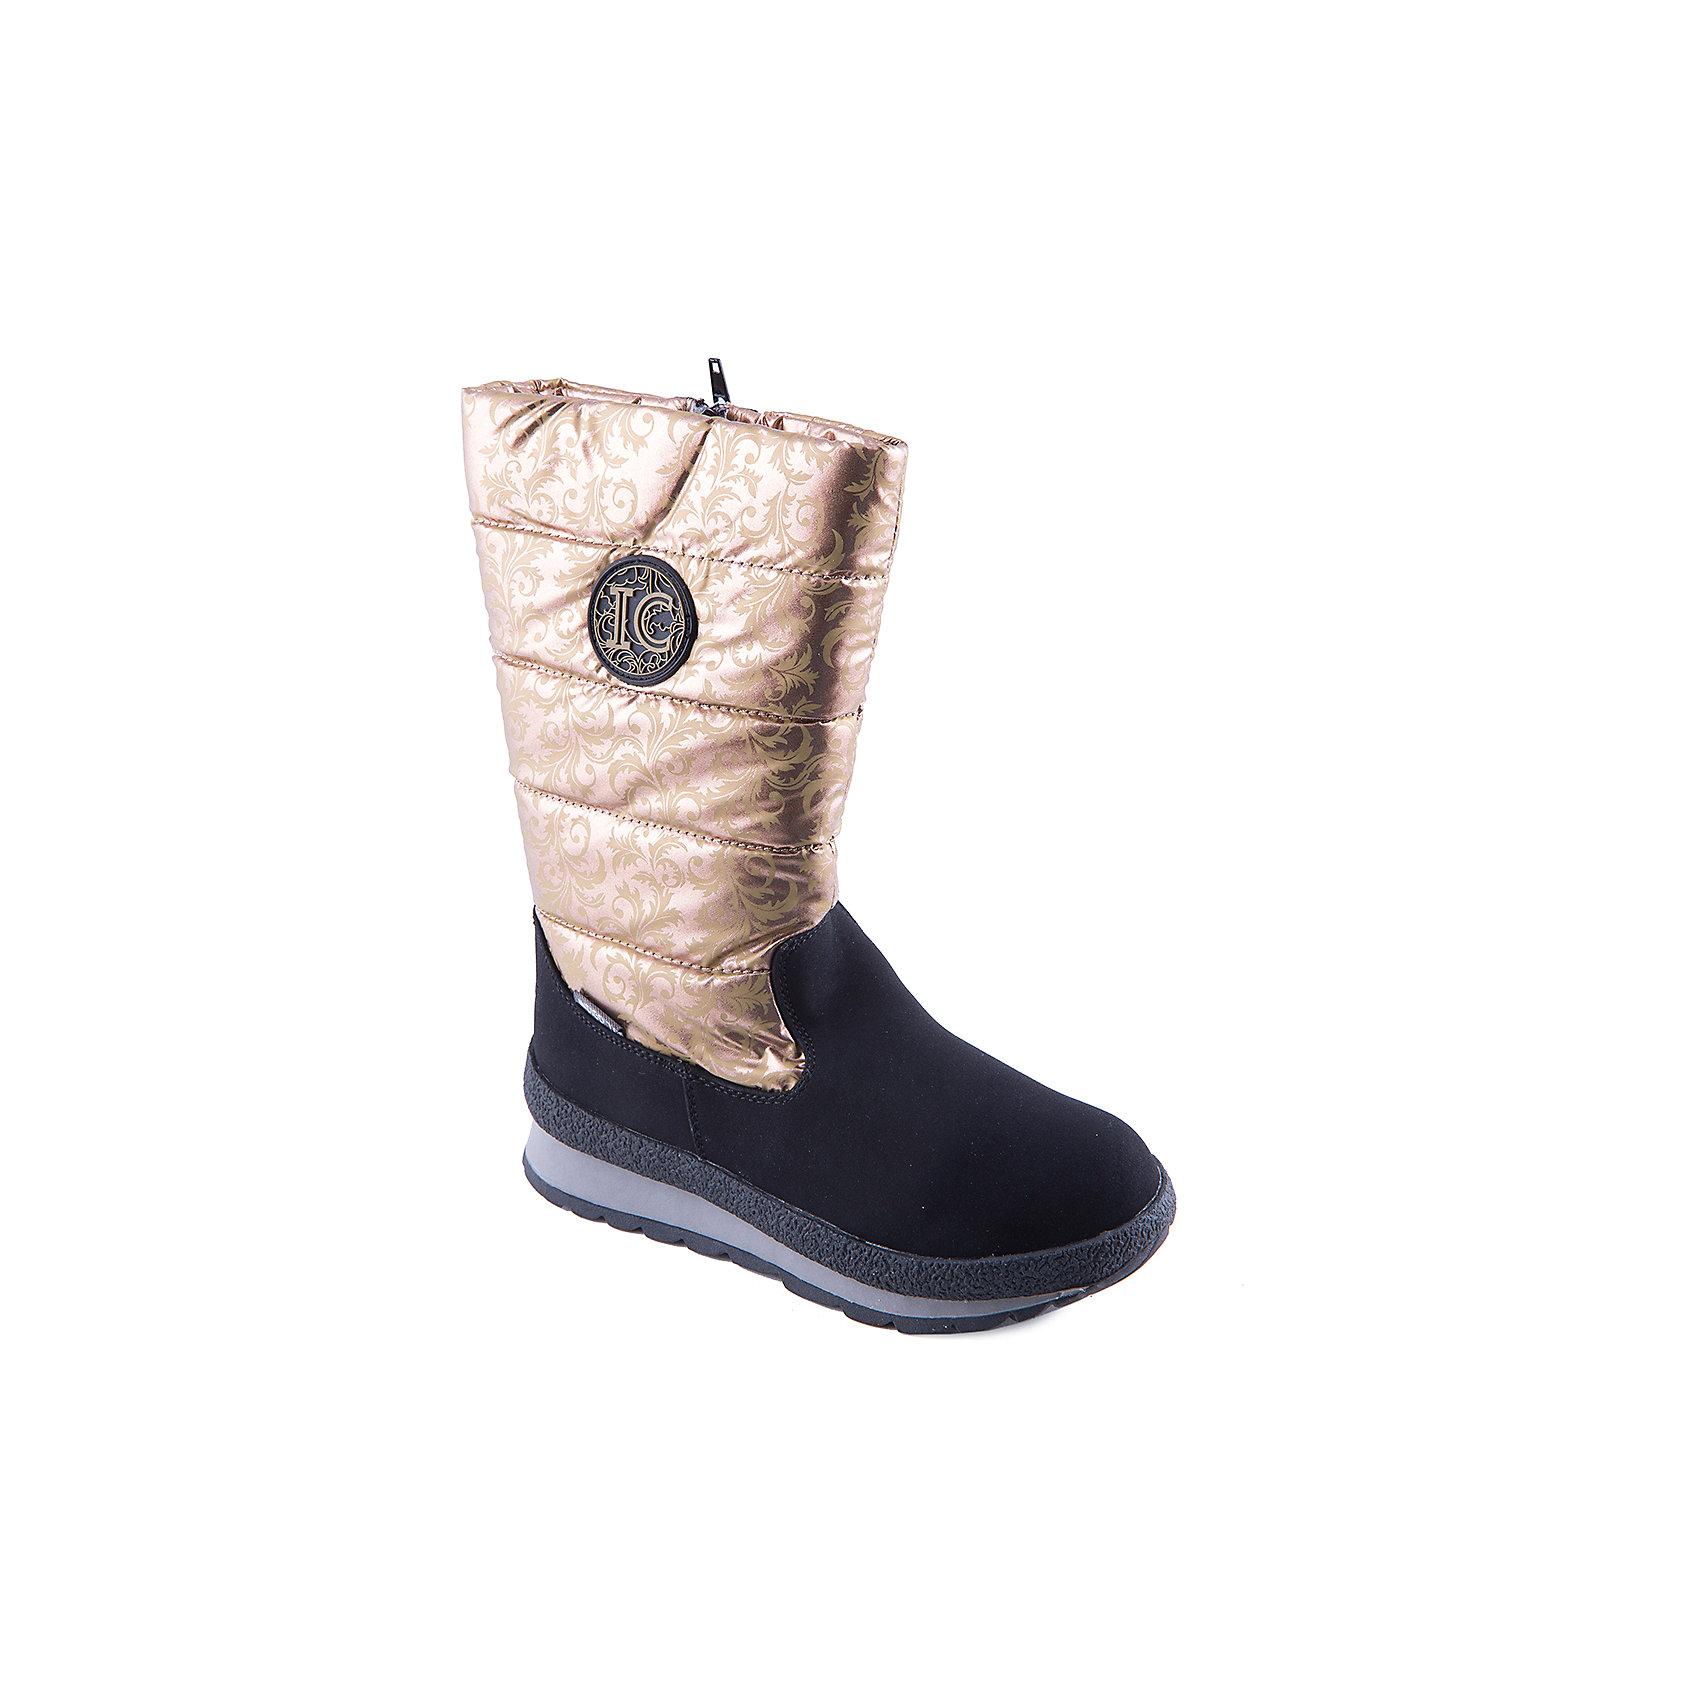 Сапоги для девочки Indigo kidsСапоги для девочки от популярной марки Indigo kids.<br>Дутые сапоги надежно согреют детские ноги зимой благодаря подкладке из натуральной шерсти. Они сделаны с применением технологии INDIGO TEX – это мембранный материал, выводящий влагу из обуви наружу, но не позволяющий сырости проникать внутрь.<br>Отличительные особенности модели:<br>- оригинальный дизайн, голенище золотистого цвета;<br>- комфортная колодка;<br>- толстая устойчивая подошва;<br>- удобная молния сбоку;<br>- качественная подкладка из шерсти;<br>- мембрана INDIGO TEX.<br>Дополнительная информация:<br>- Сезон: зима.<br>- Состав:<br>материал верха: текстиль/искусственная кожа<br>материал подкладки: шерсть<br>подошва: ТЭП.<br>Сапоги для девочки Indigo kids (Индиго кидс можно купить в нашем магазине.<br><br>Ширина мм: 257<br>Глубина мм: 180<br>Высота мм: 130<br>Вес г: 420<br>Цвет: золотой<br>Возраст от месяцев: 96<br>Возраст до месяцев: 108<br>Пол: Женский<br>Возраст: Детский<br>Размер: 32,33,34,36,35,37<br>SKU: 4226002